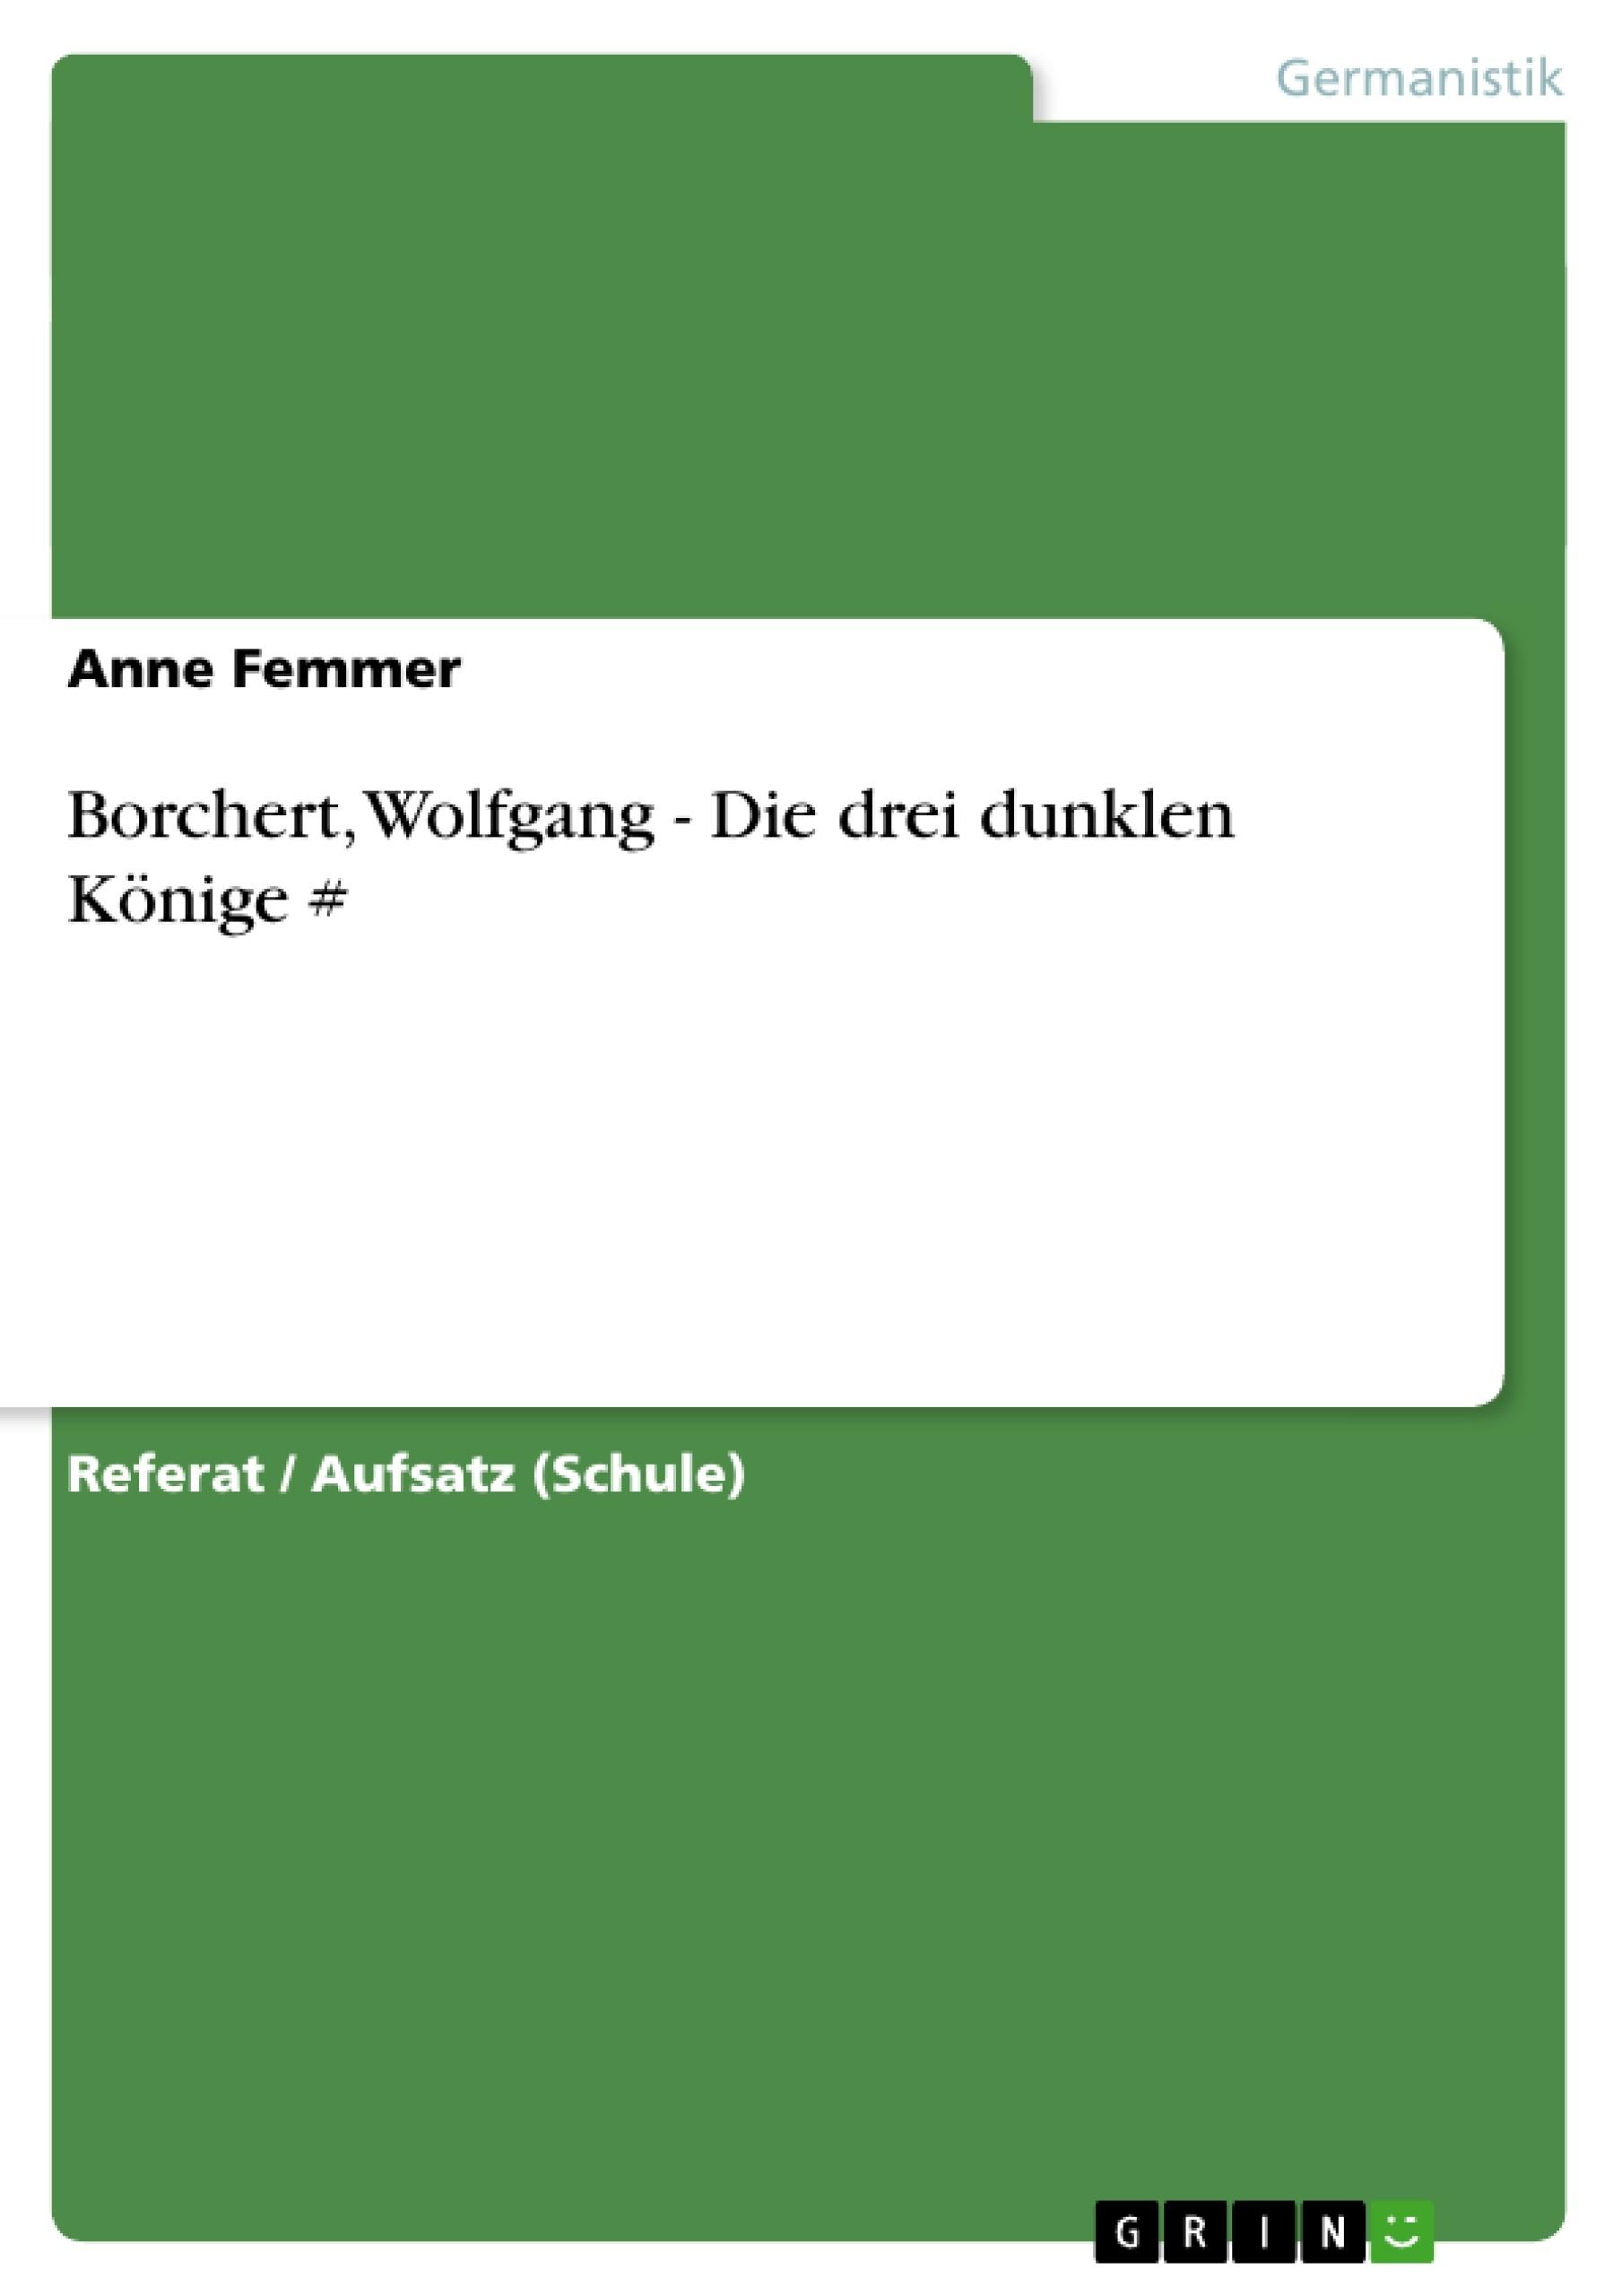 Titel: Borchert, Wolfgang - Die drei dunklen Könige #